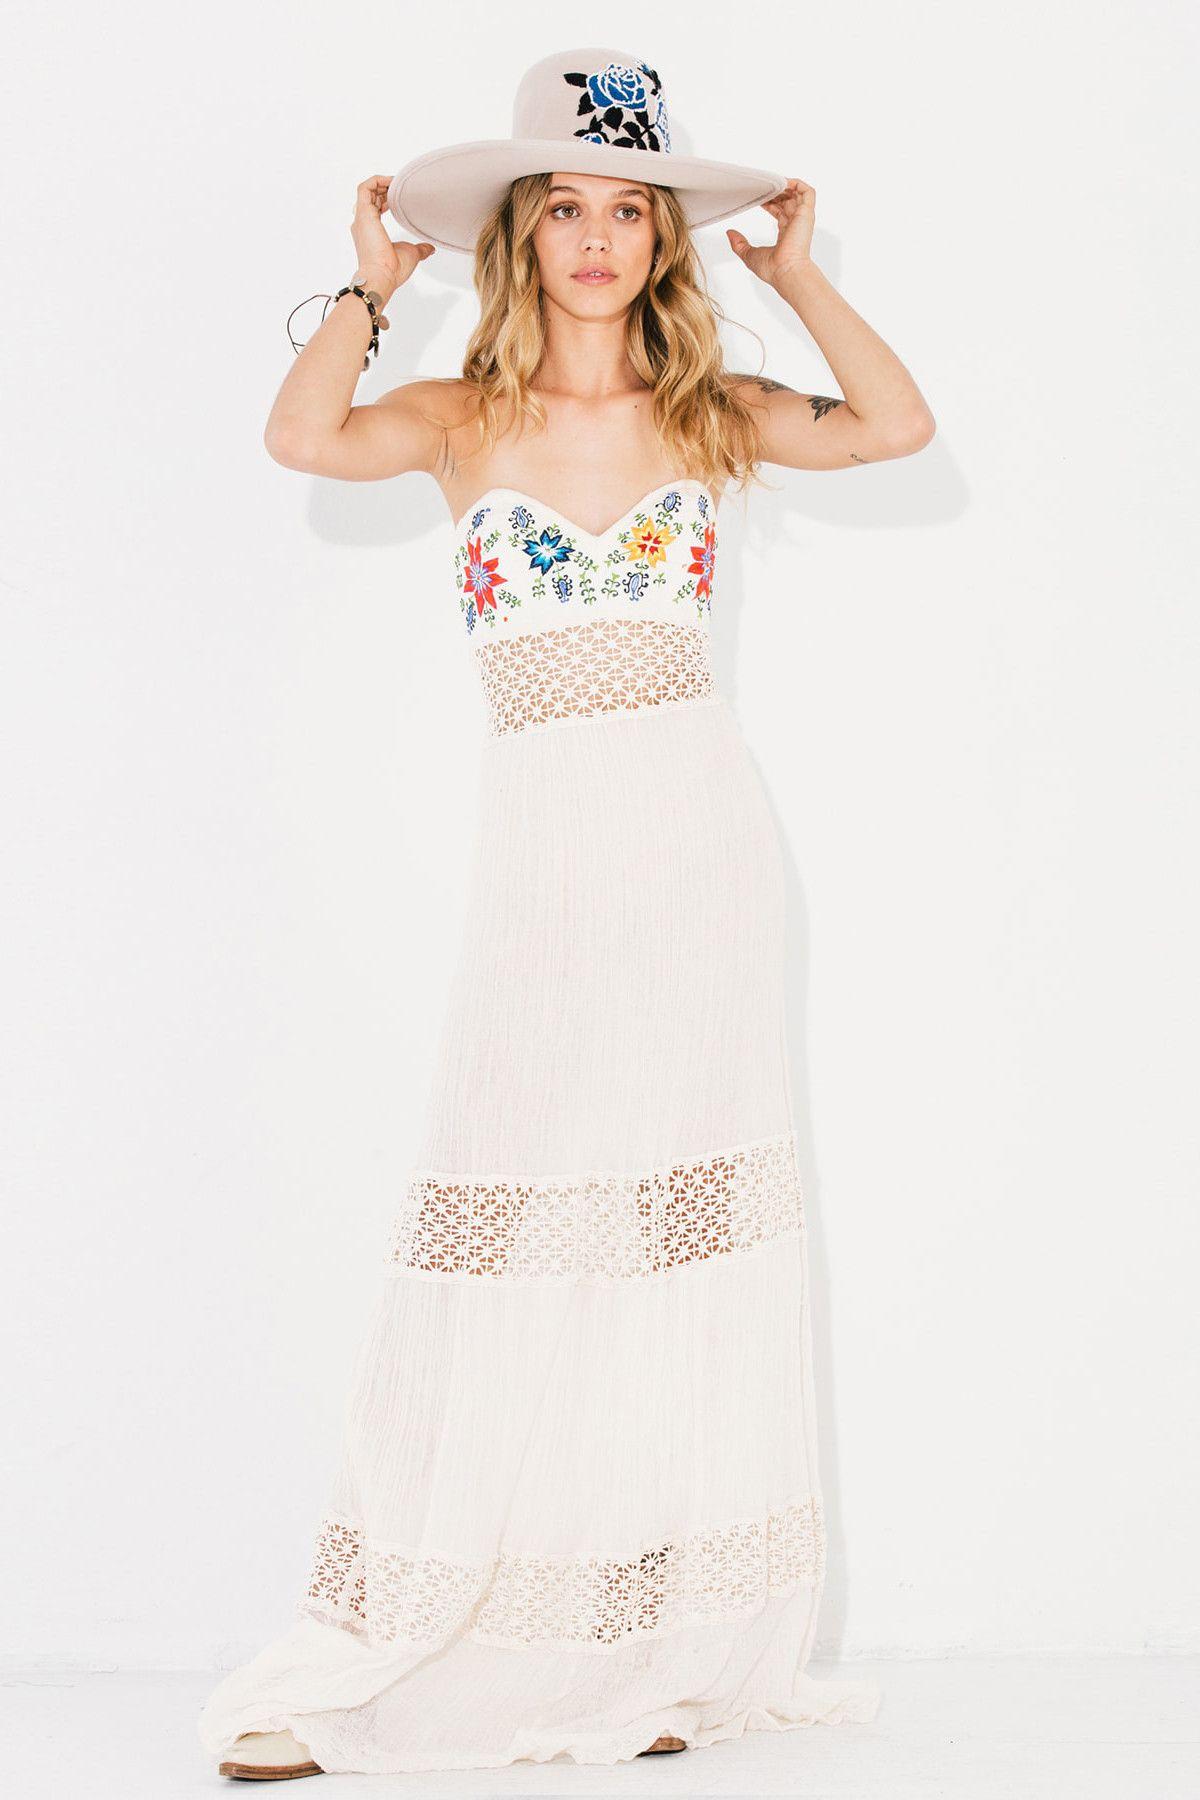 Lantana valencia maxi dress from jenus pirate booty style